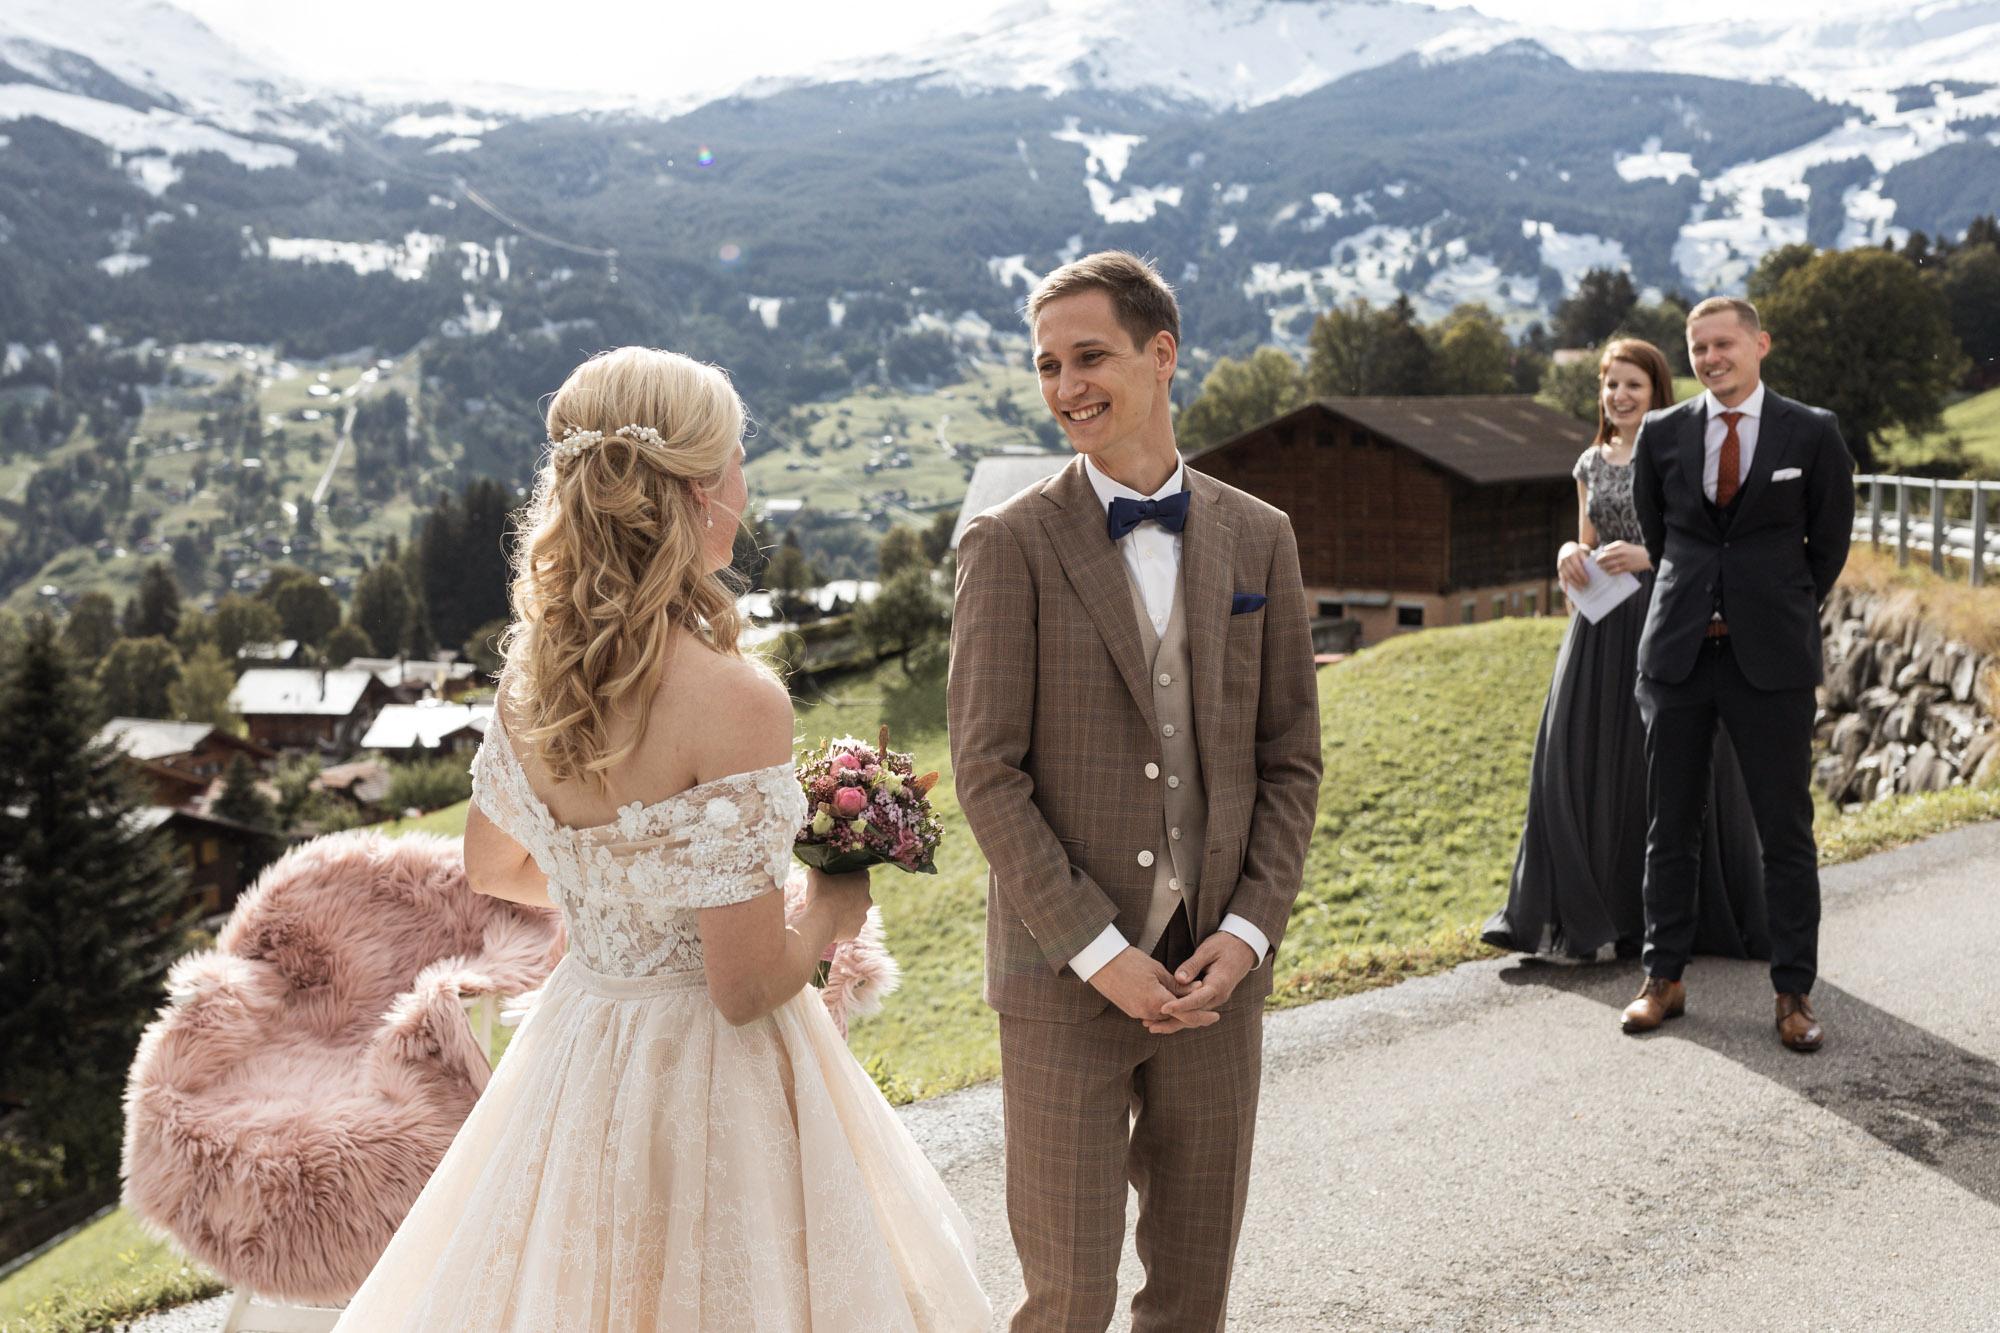 Das Brautpaar sieht sich zum ersten Mal am Hochzeitstag - First Look - Hochzeitsfotograf Nicole.Gallery Basel